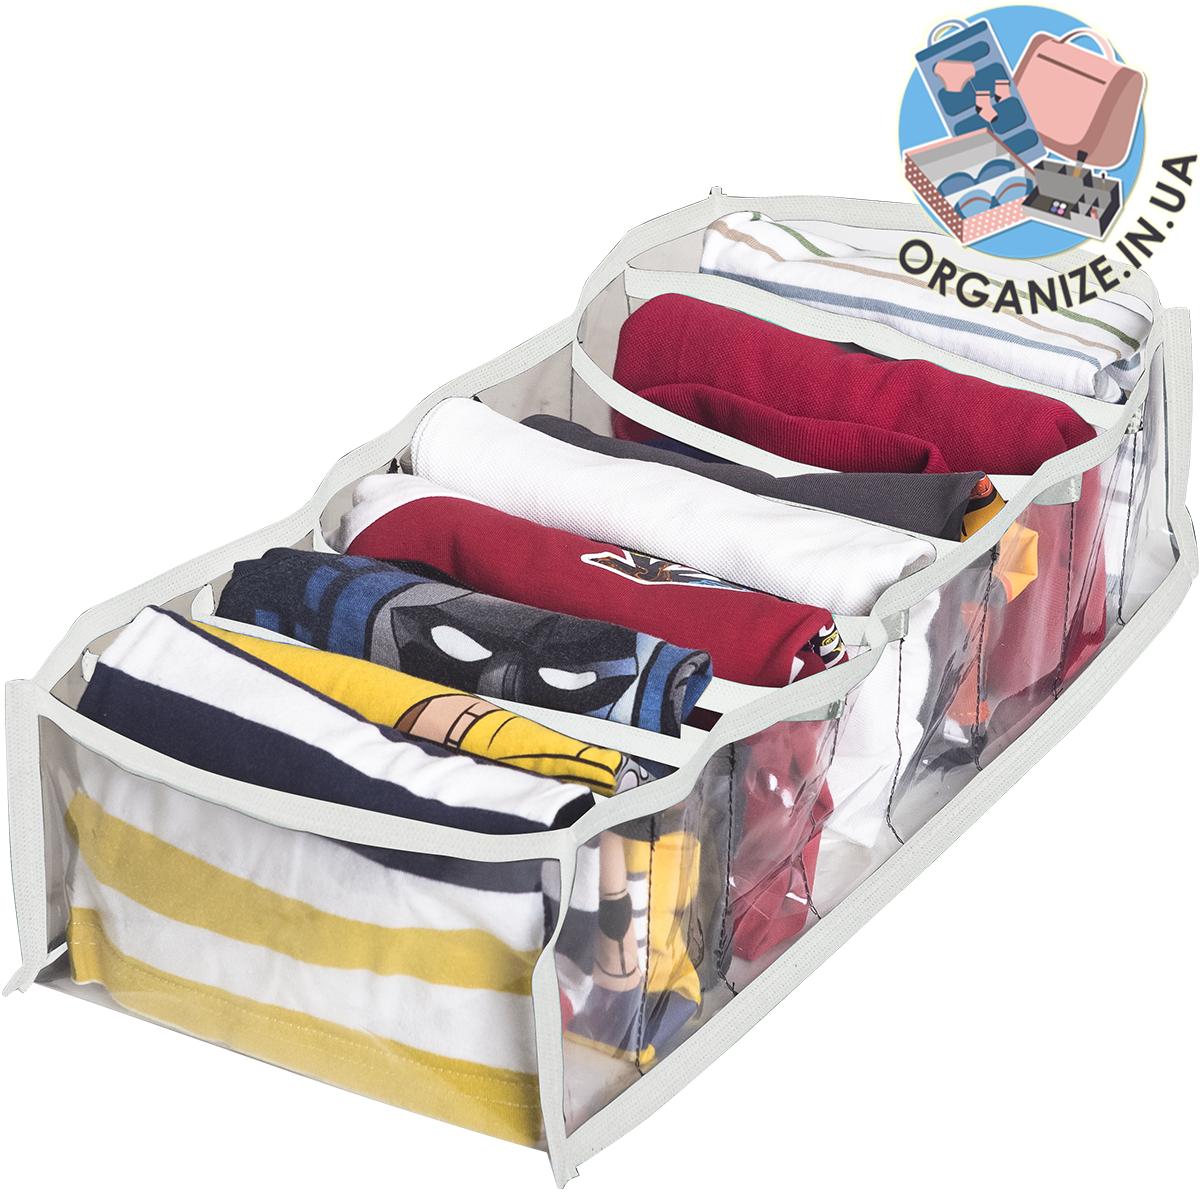 Гибкий органайзер для хранения футболок, боди, регланов М (белый)